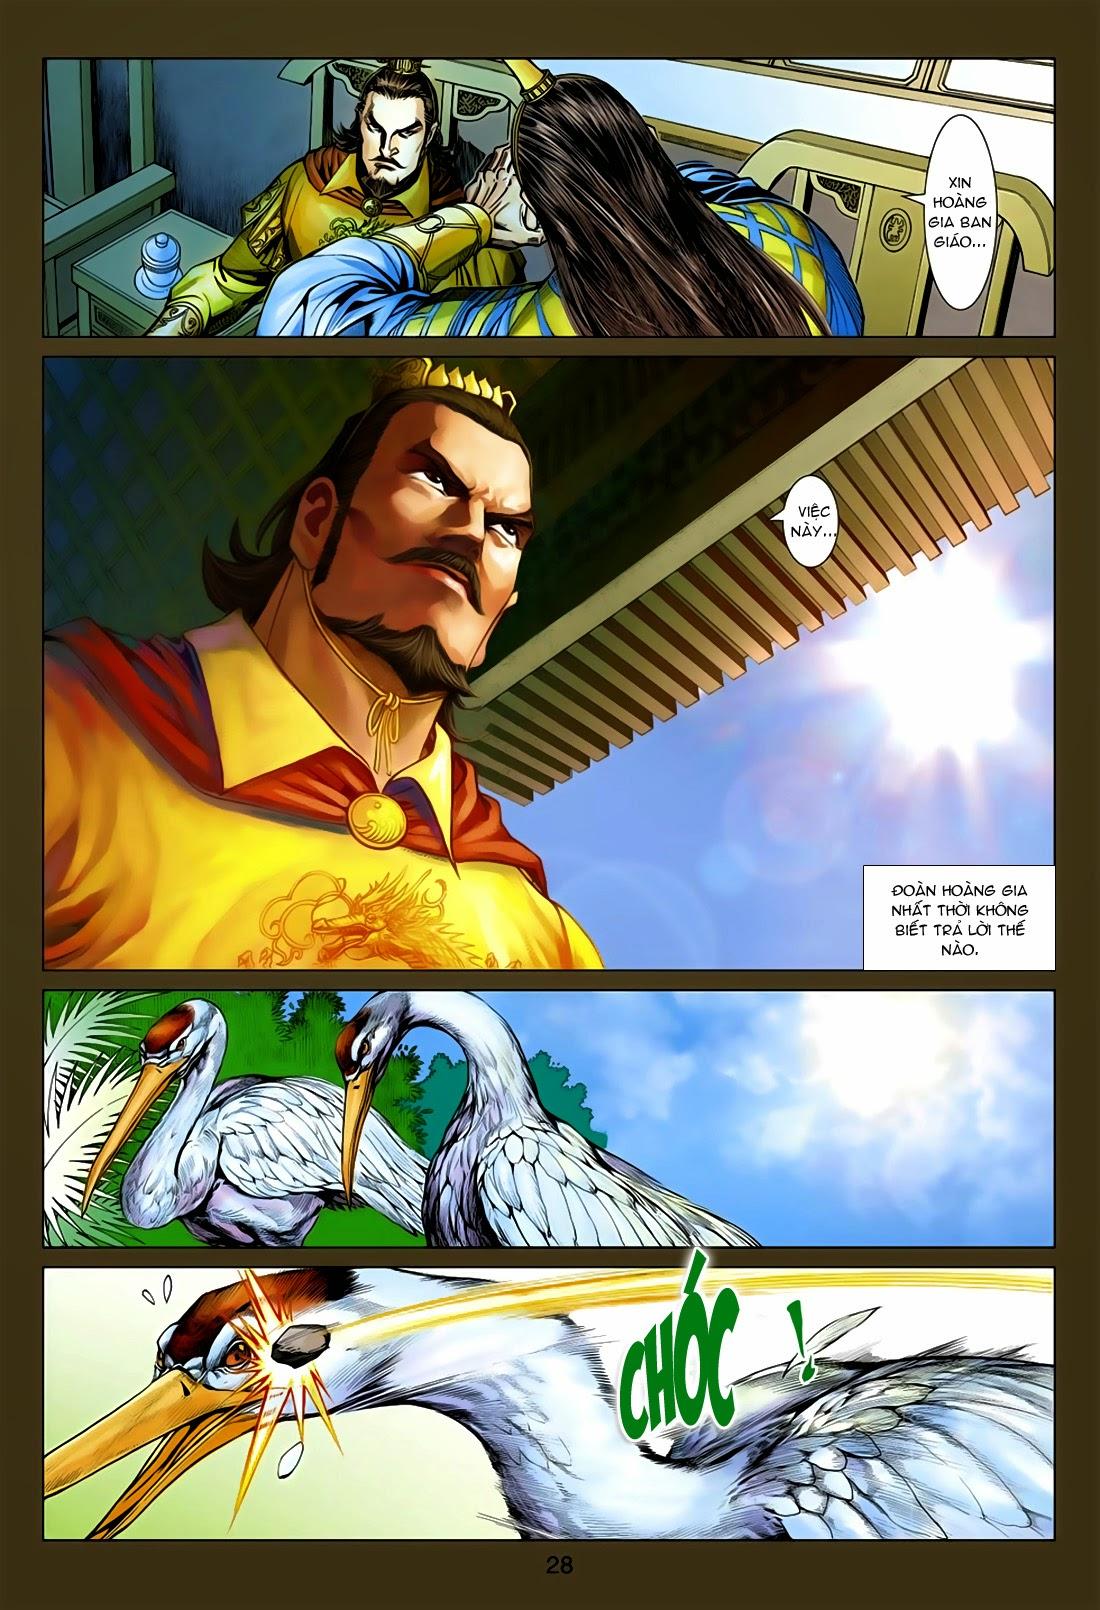 Anh Hùng Xạ Điêu anh hùng xạ đêu chap 75: hoàng thành cựu sự trang 28